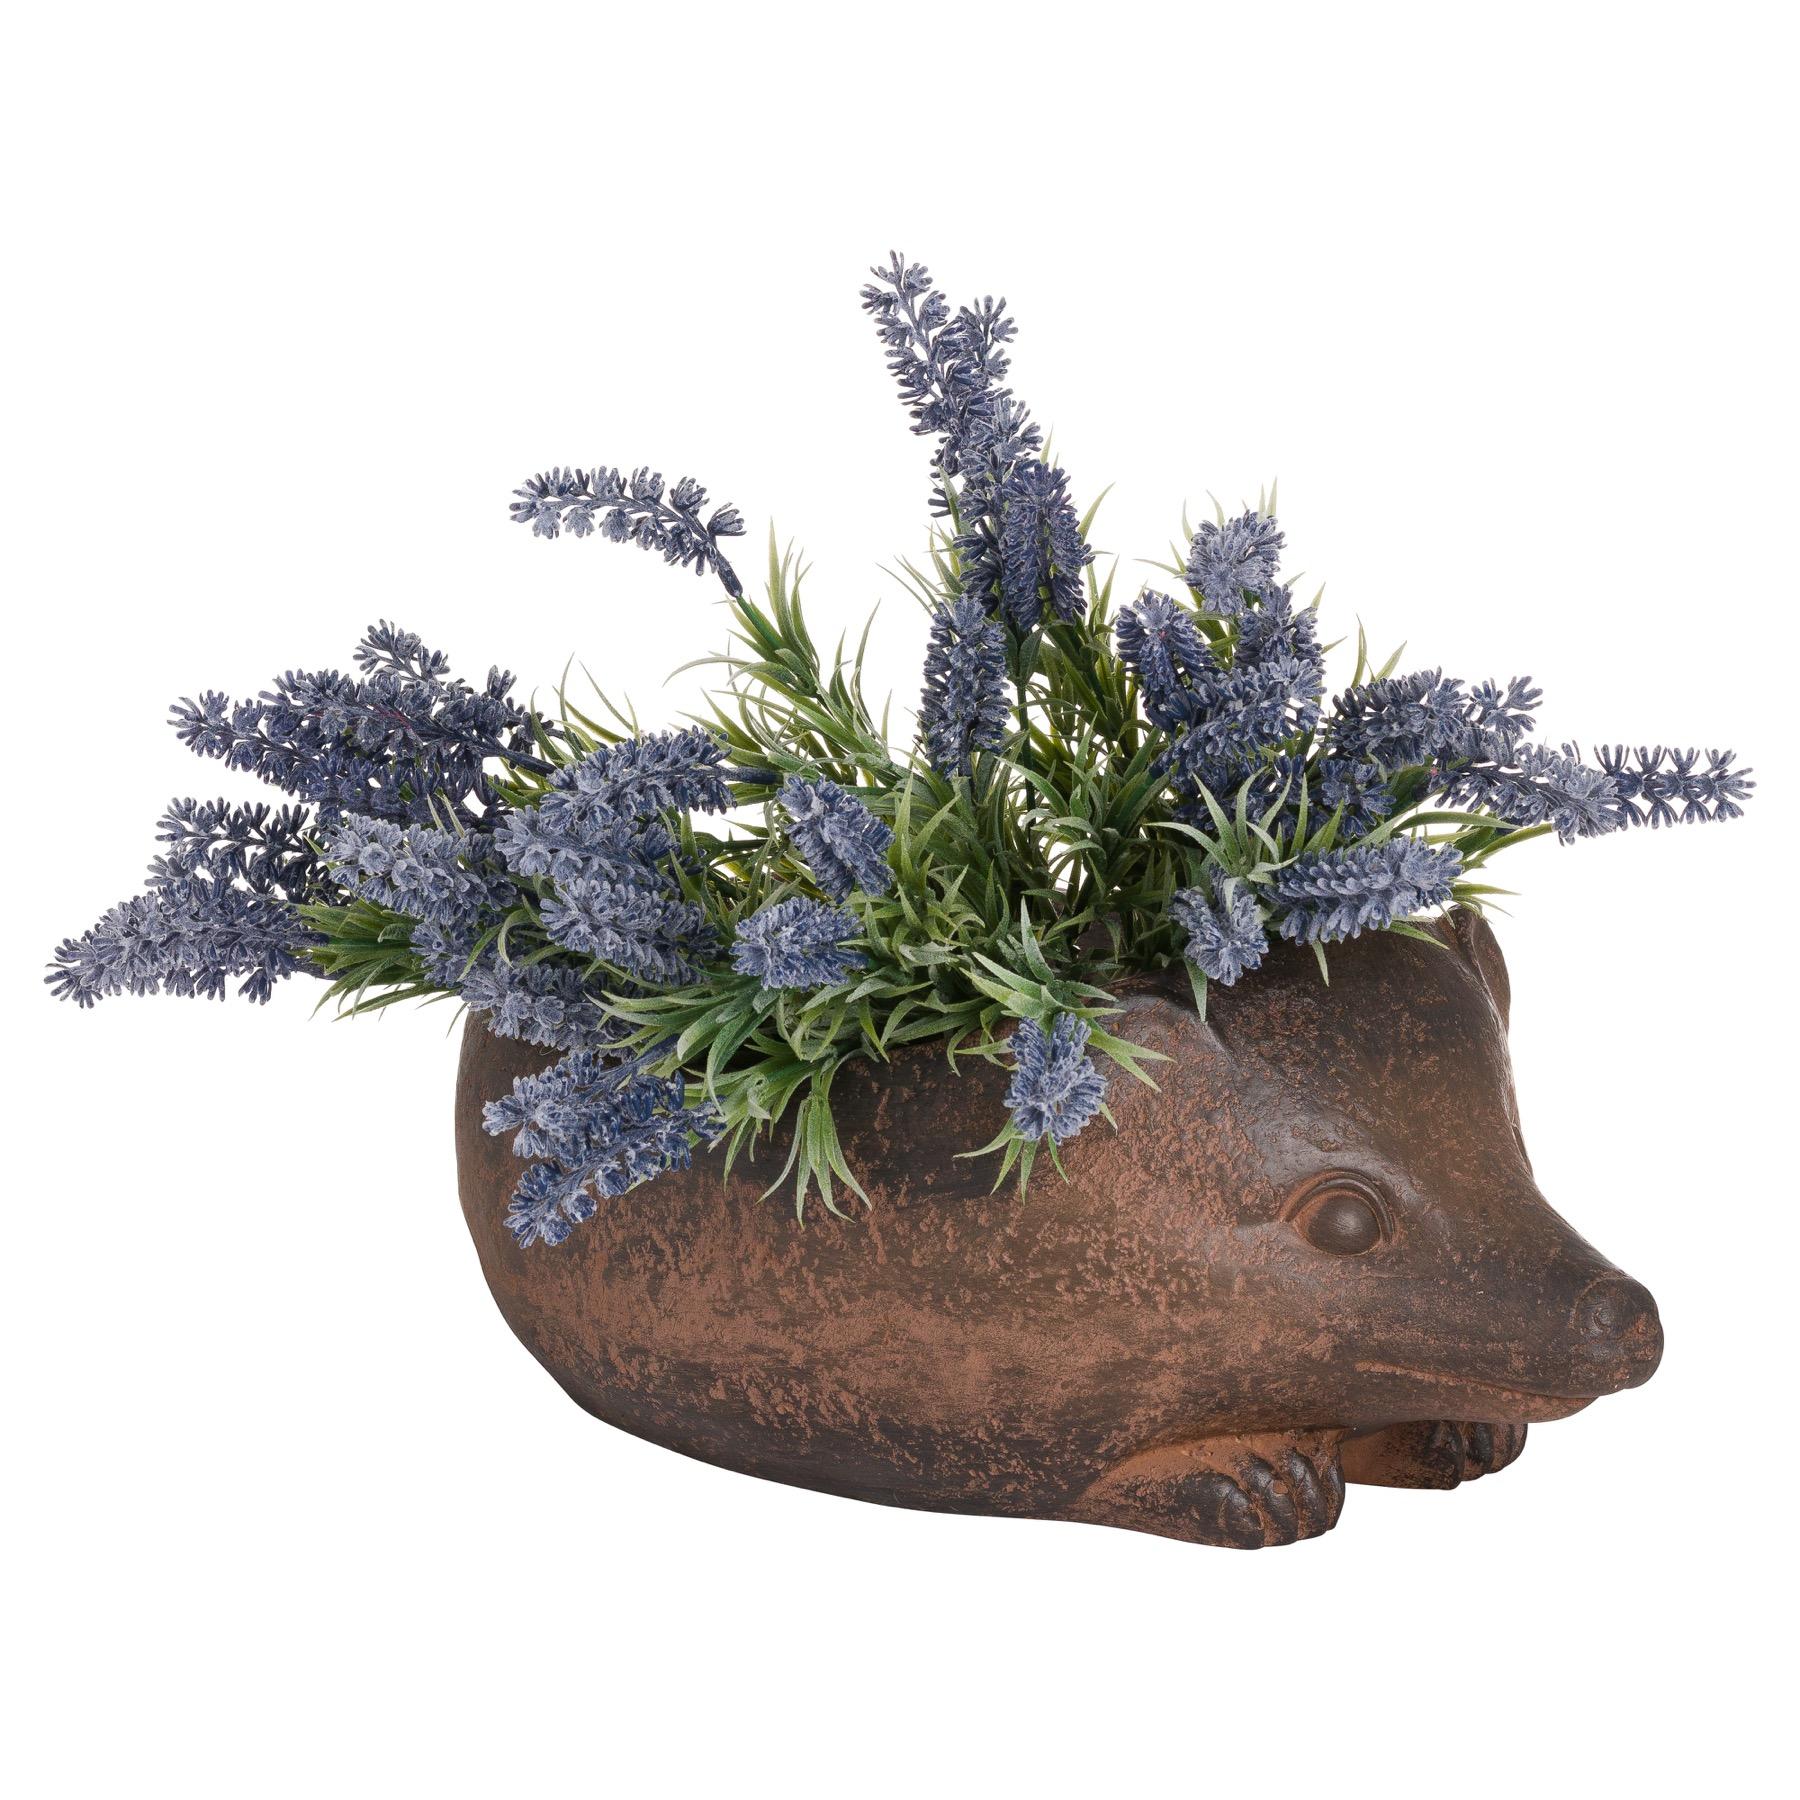 Hedgehog Planter - Image 2